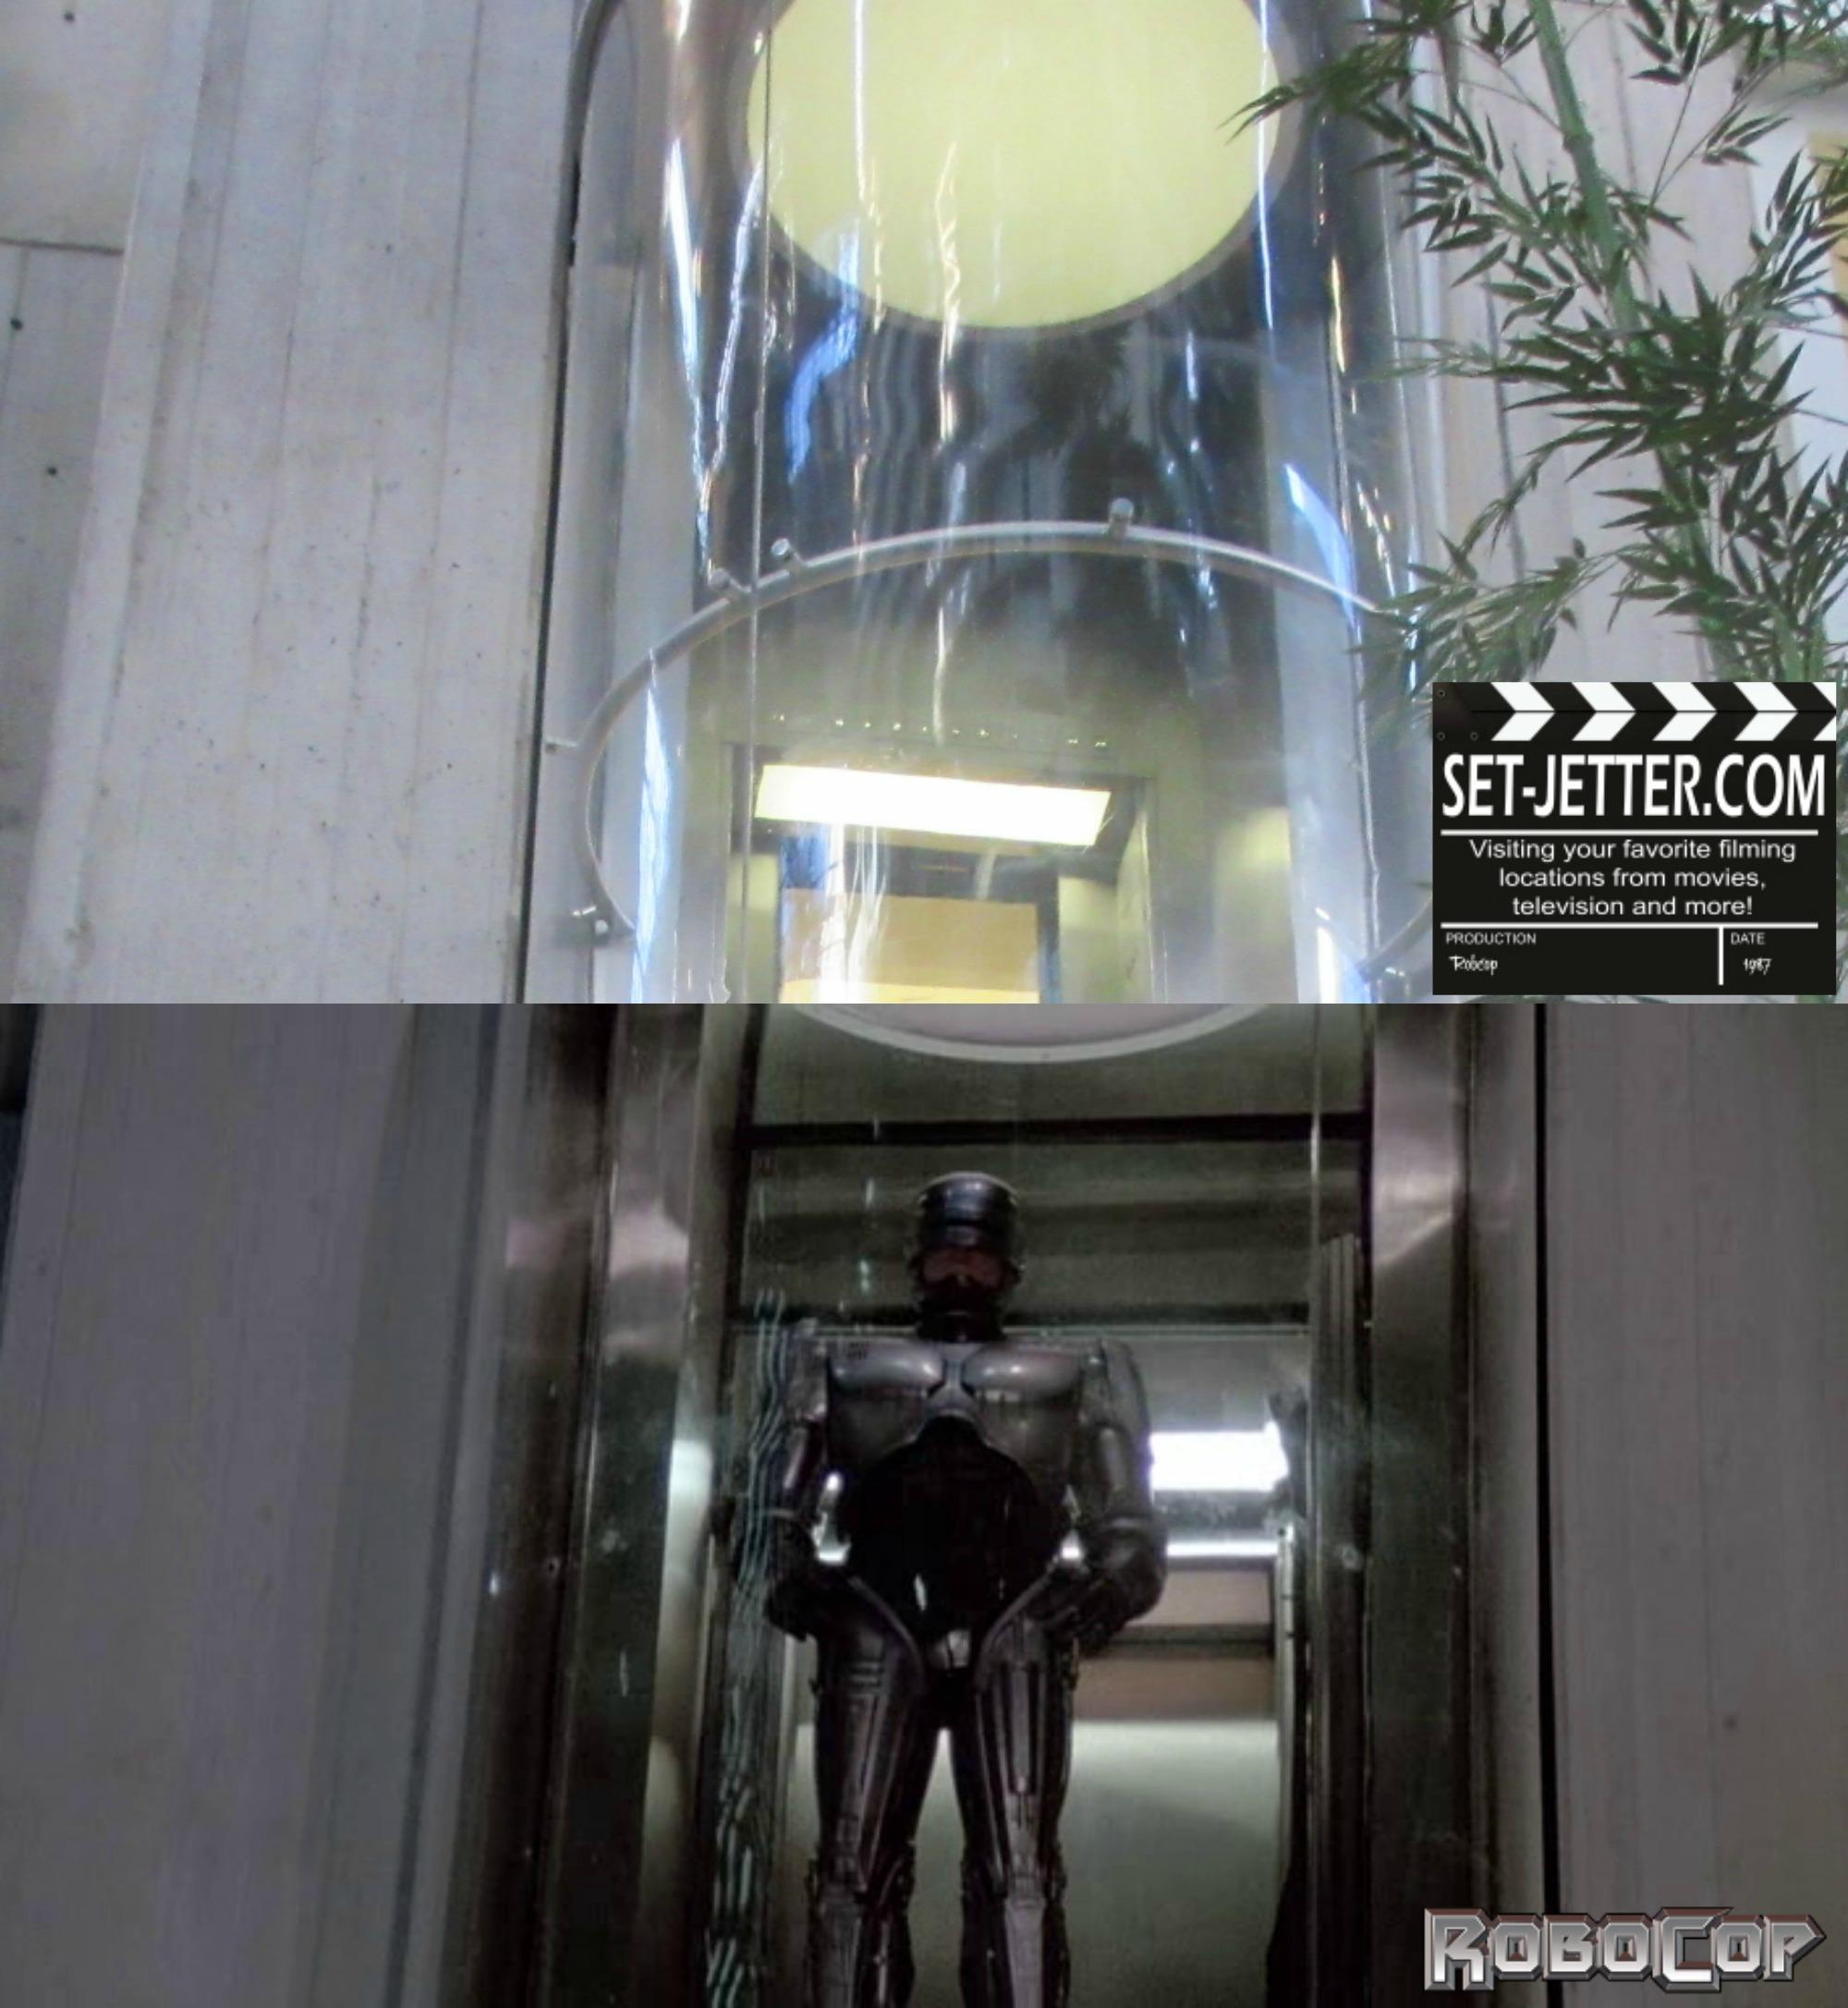 Robocop comparison 25.jpg